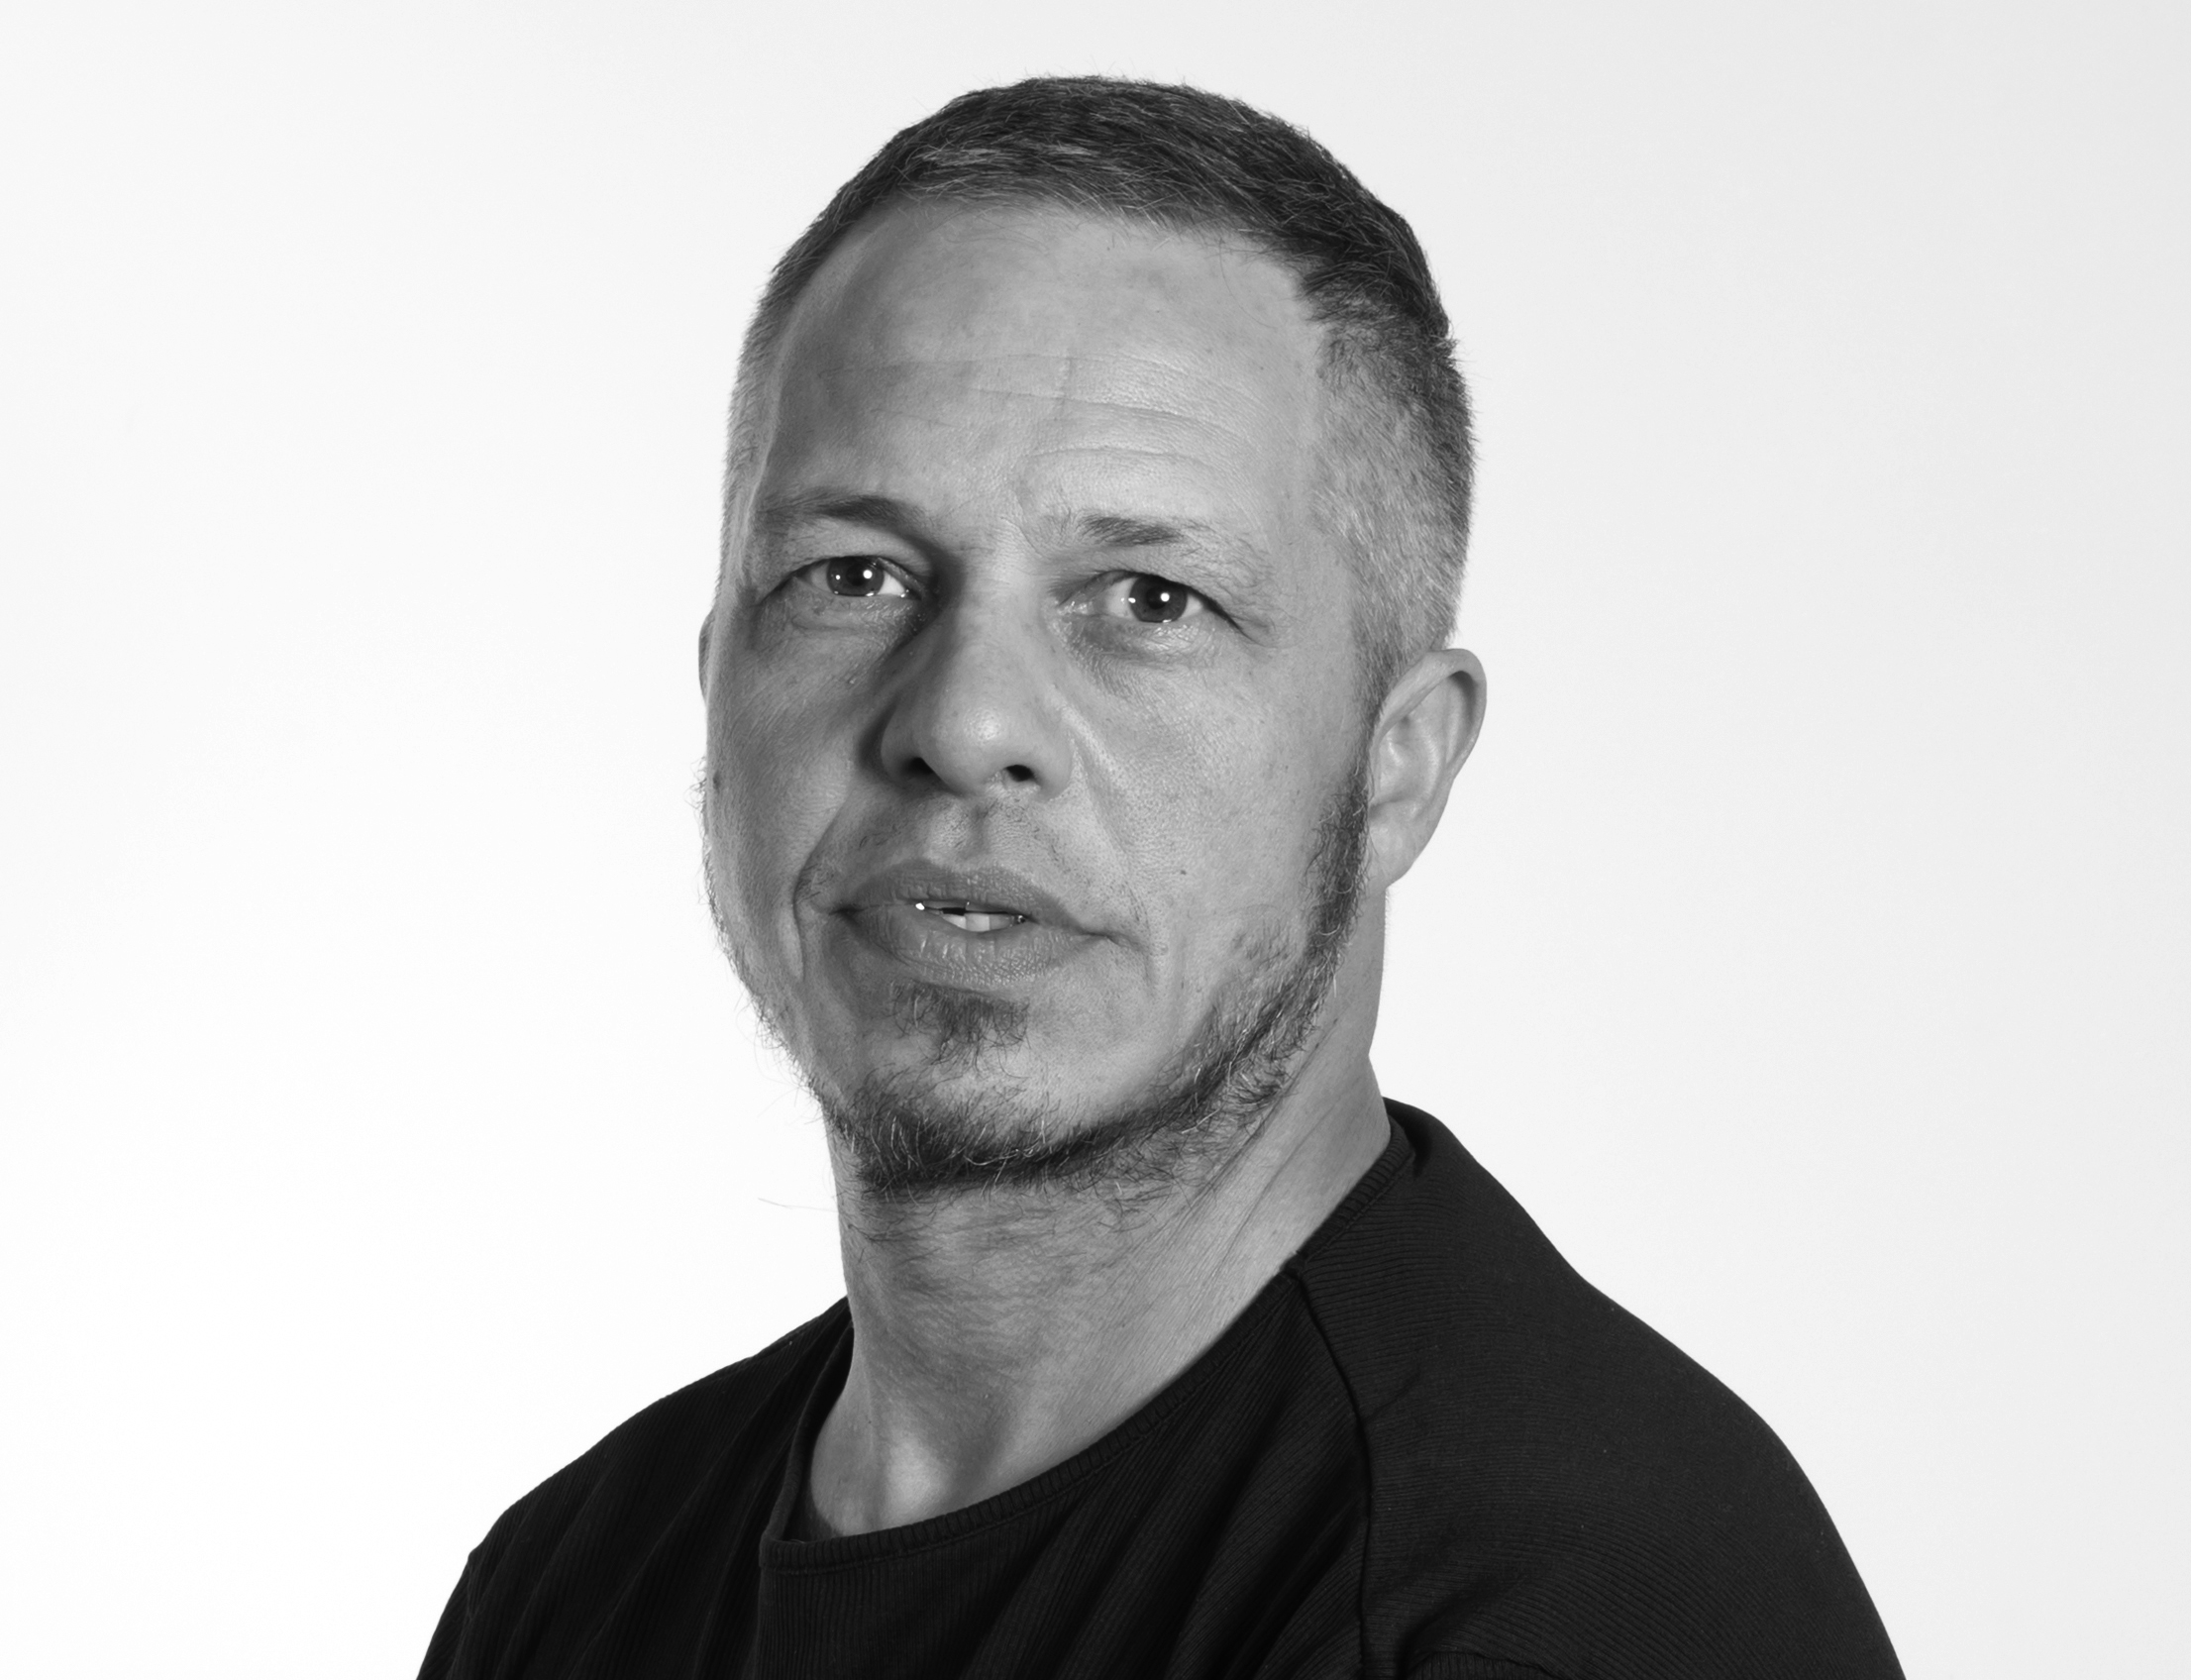 Arnar Hrafnsson